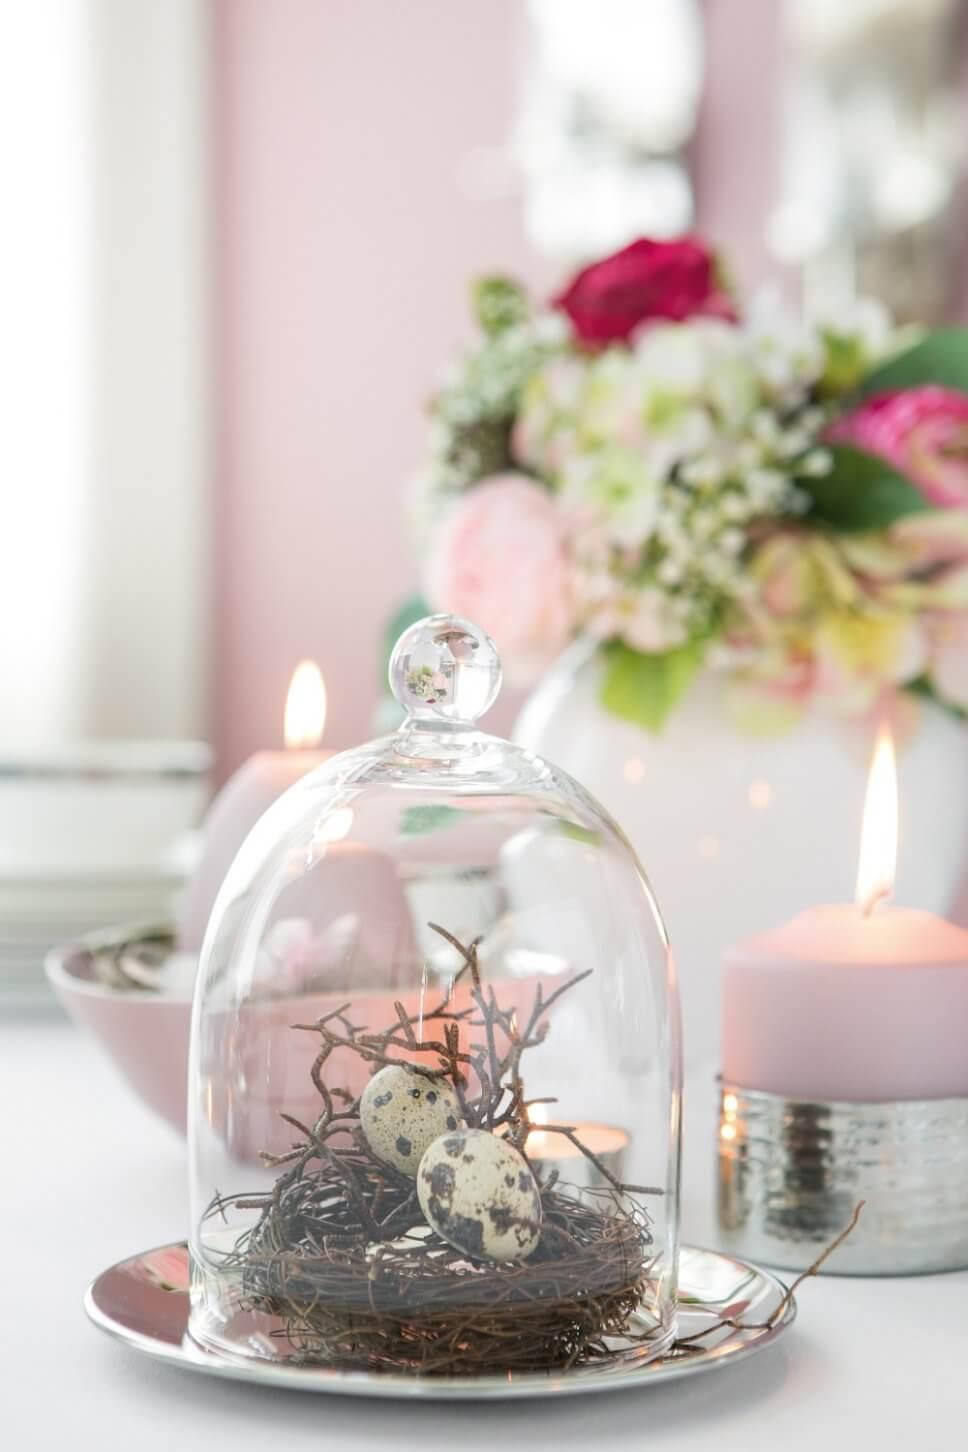 Österlich dekorierter Tisch mit rosa Kerzen